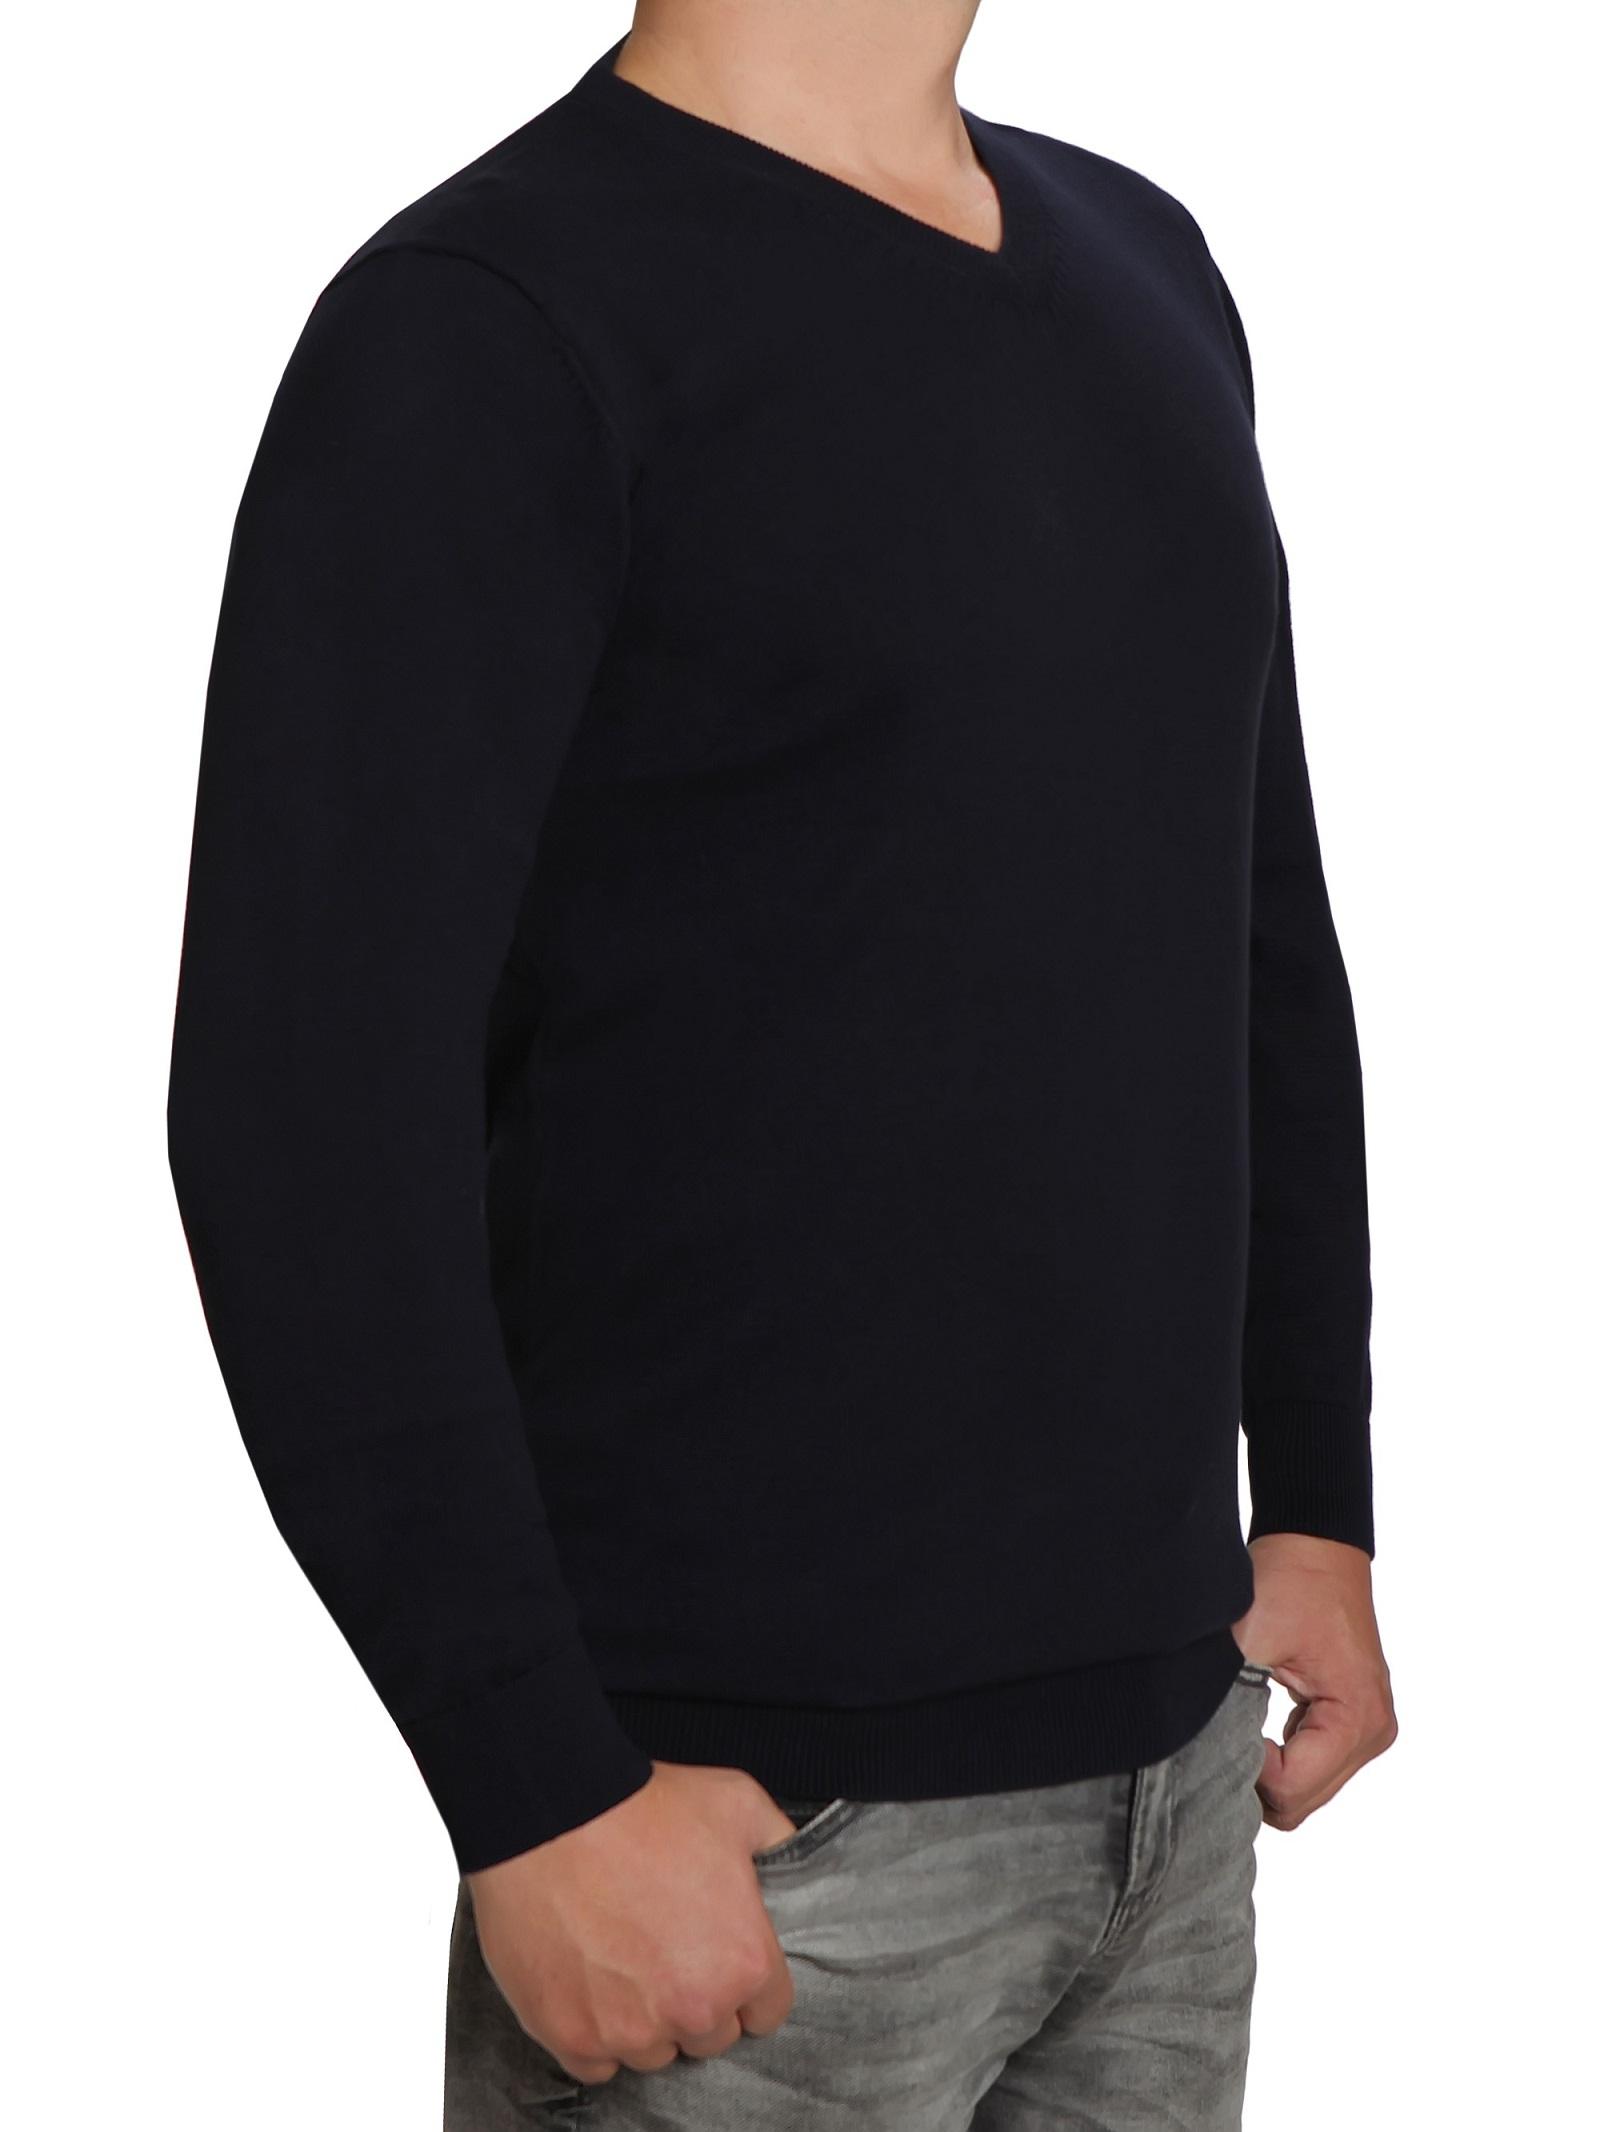 Extra langer Pullover, K I T A R O V Ausschnitt, in Marine